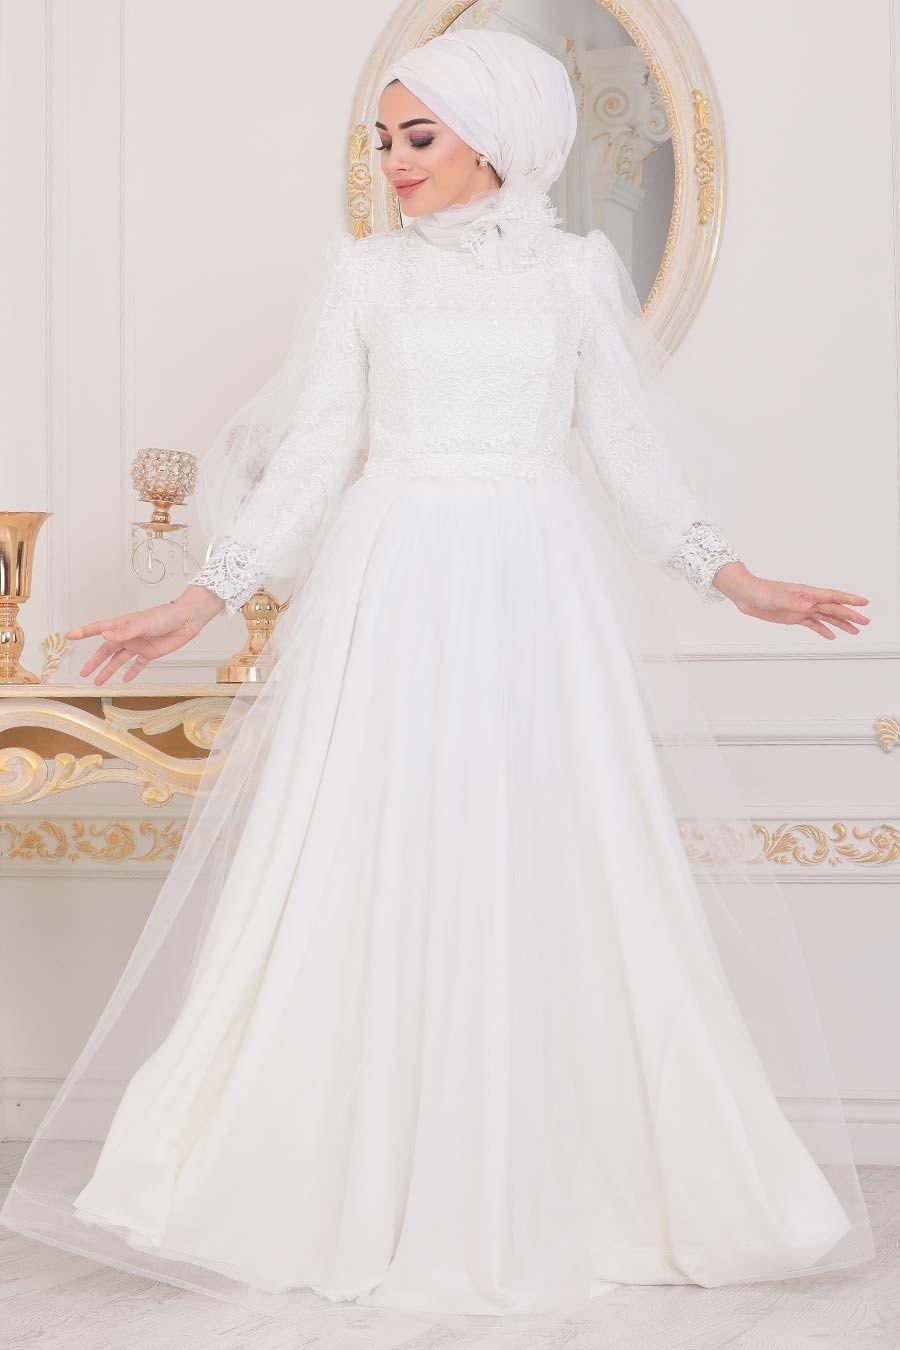 Tesetturlu Abiye Elbise Dantel Islemeli Beyaz Tesettur Abiye Elbise 40403b Tesetturisland Com 2020 Elbise The Dress Moda Stilleri